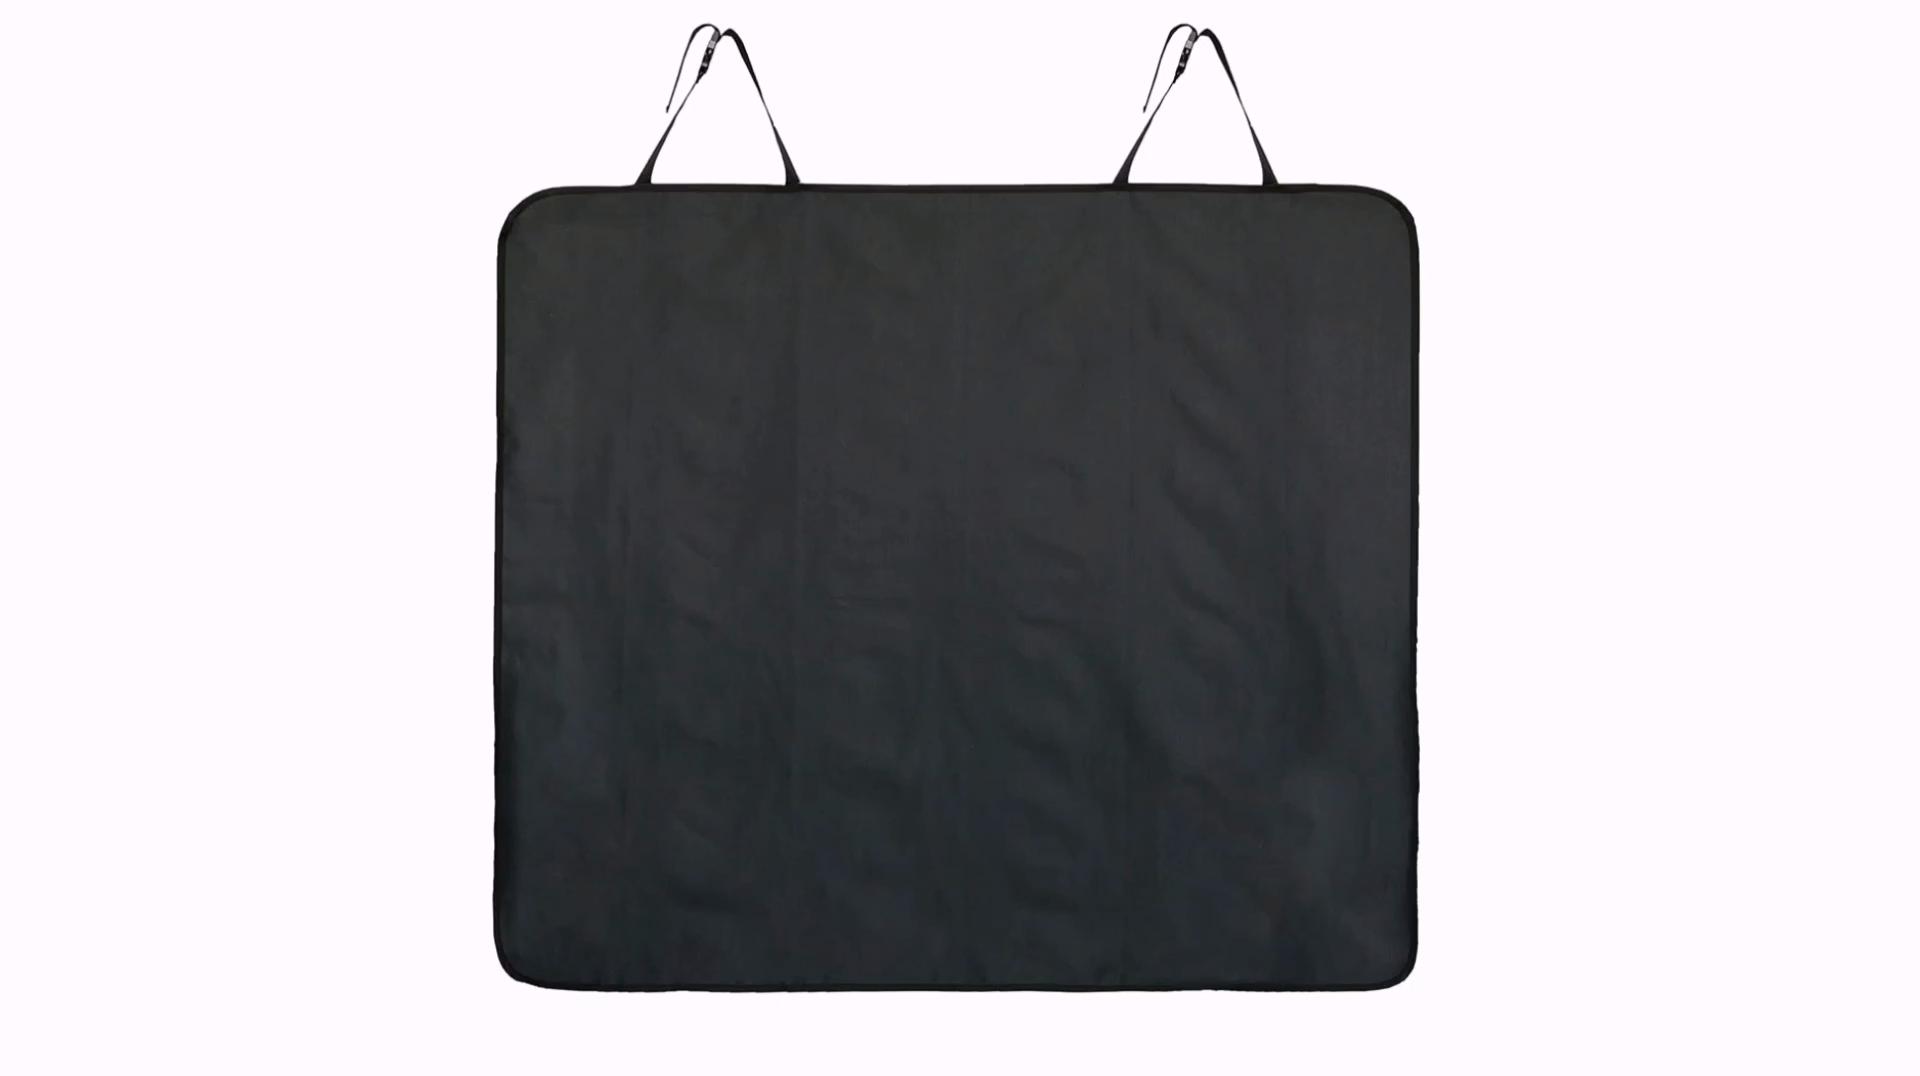 600D de la tela de Oxford Durable resistente al desgaste plegable perro asiento Protector de la cubierta con una banda de caucho fijo